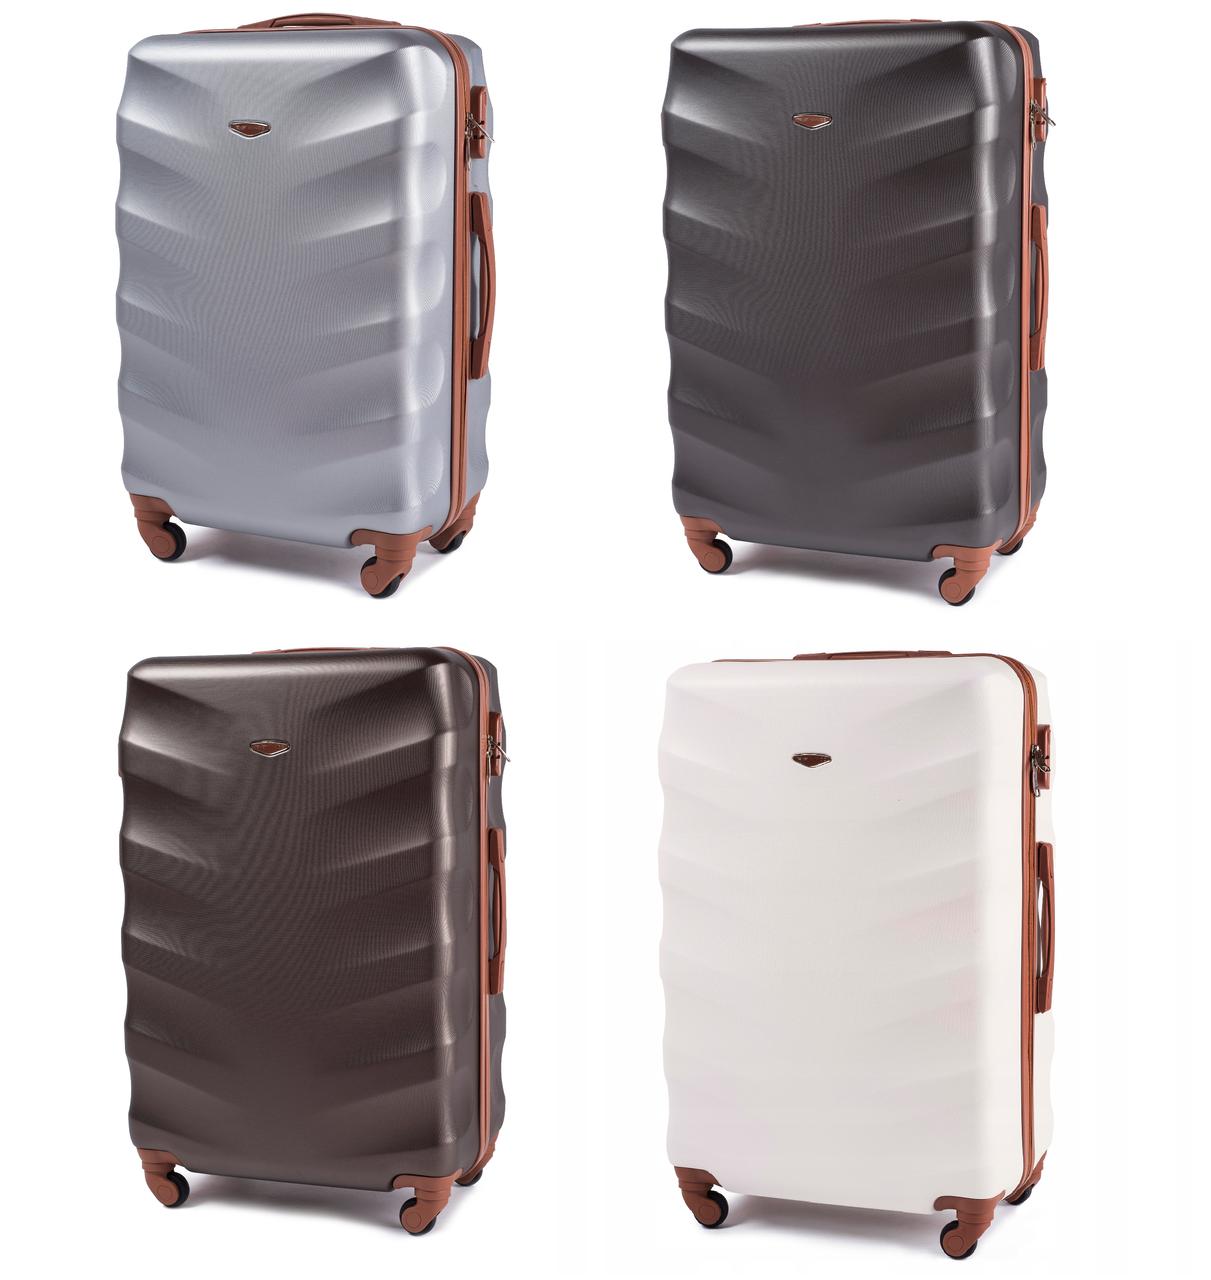 Дорожній валізу на колесах WINGS 402 Exlusive з полікарбонату Великий